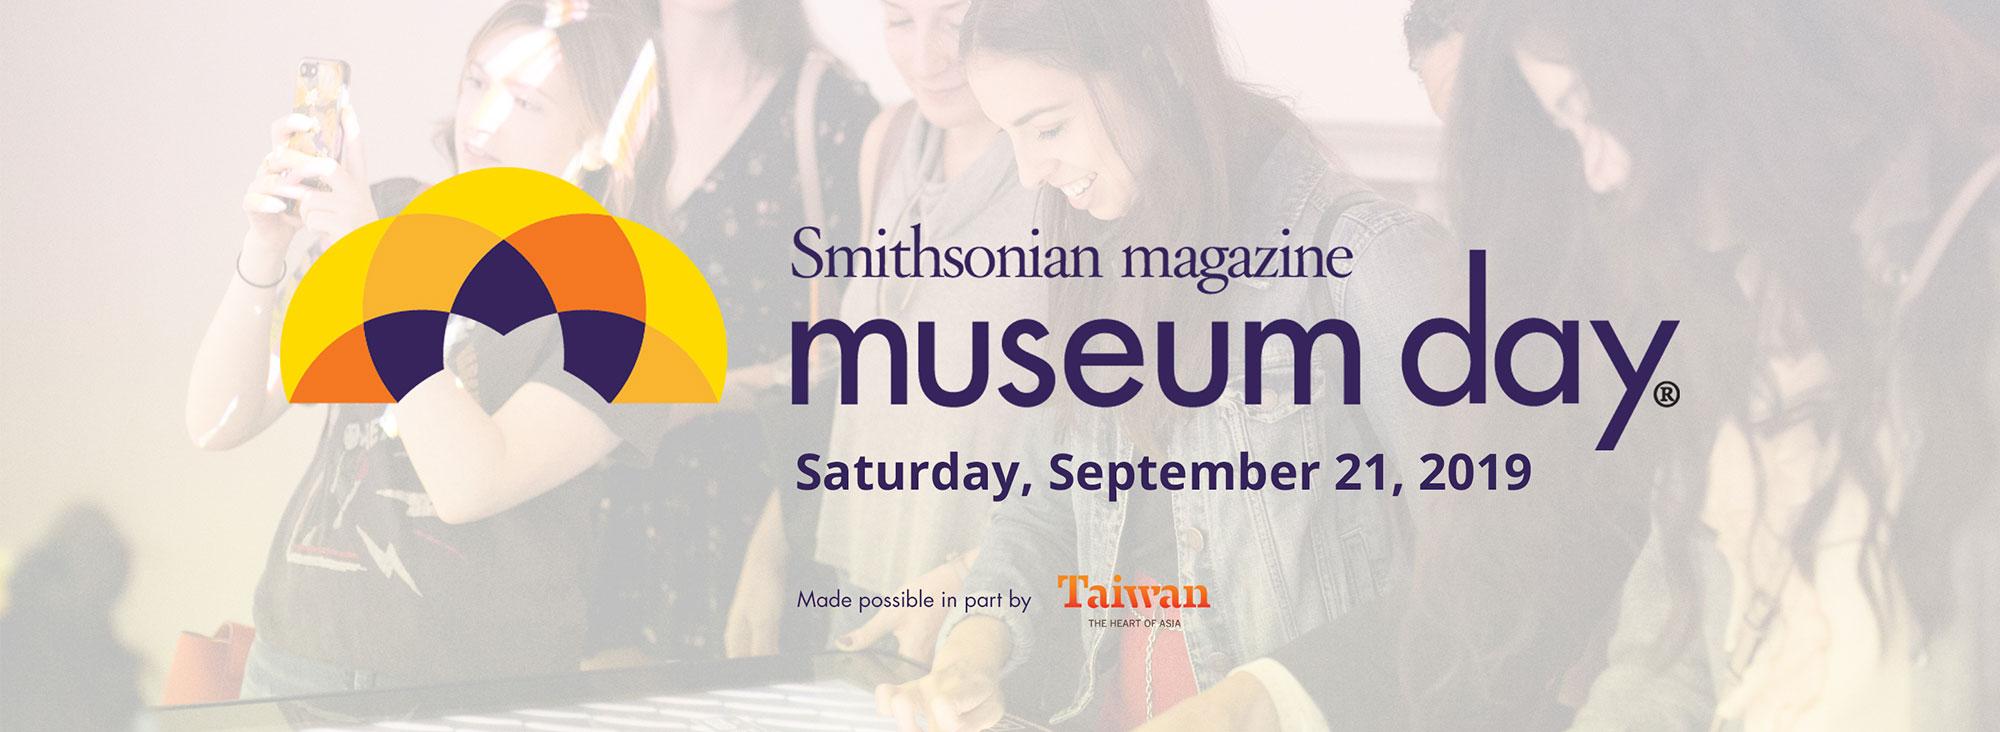 Museum Day 2019: September 21